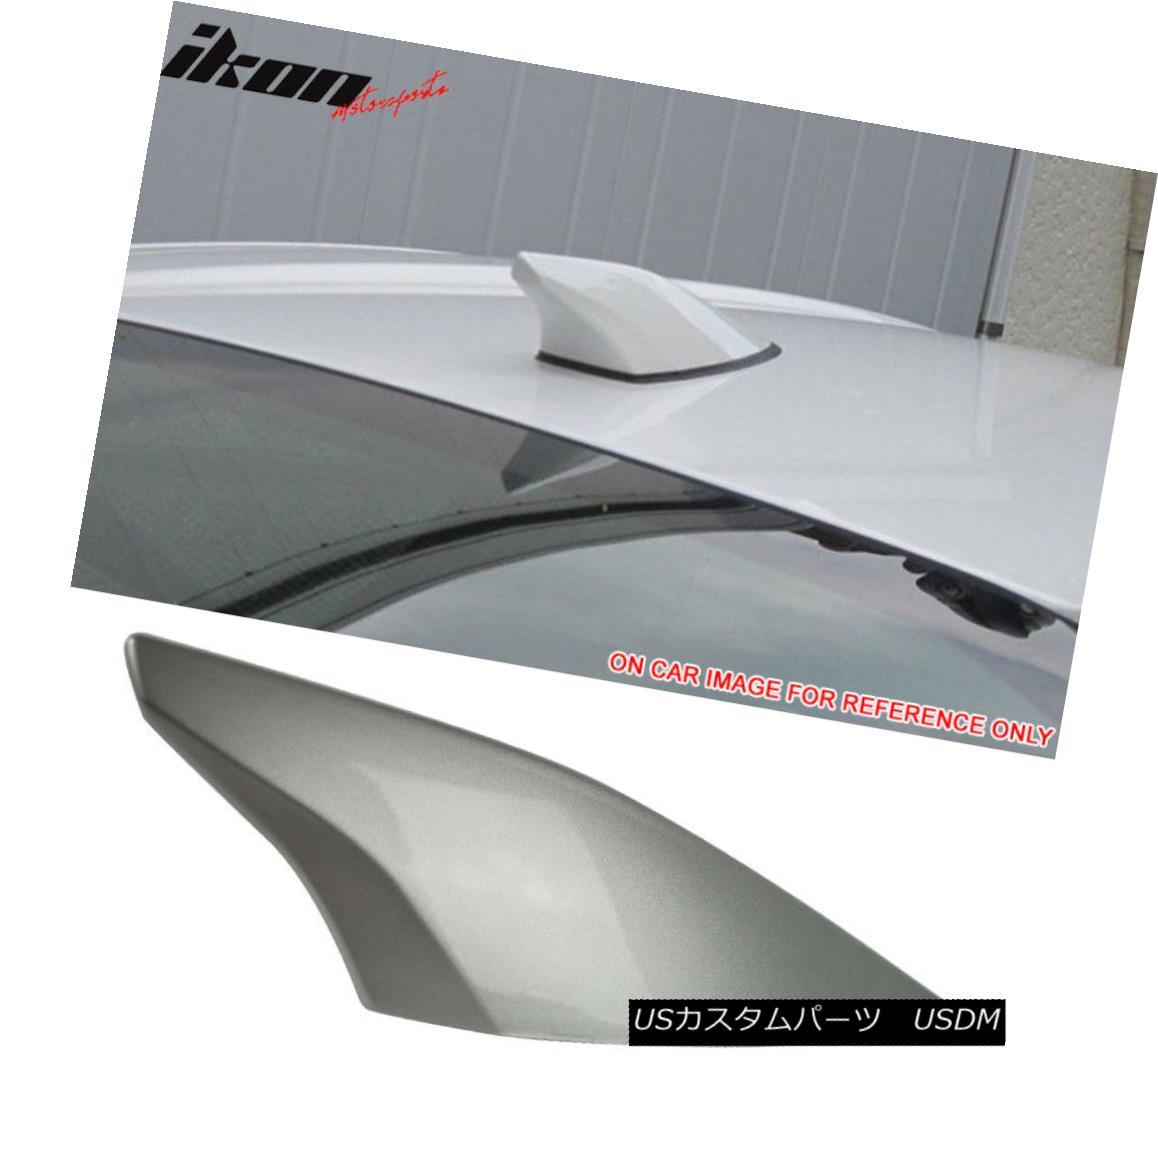 エアロパーツ Fits 13-14 Subaru BRZ Scion FRS ABS Antenna Shark Fin Cover Painted # D6S フィット13-14スバルBRZサイオンFRS ABSアンテナスパークカバー#D6S塗装